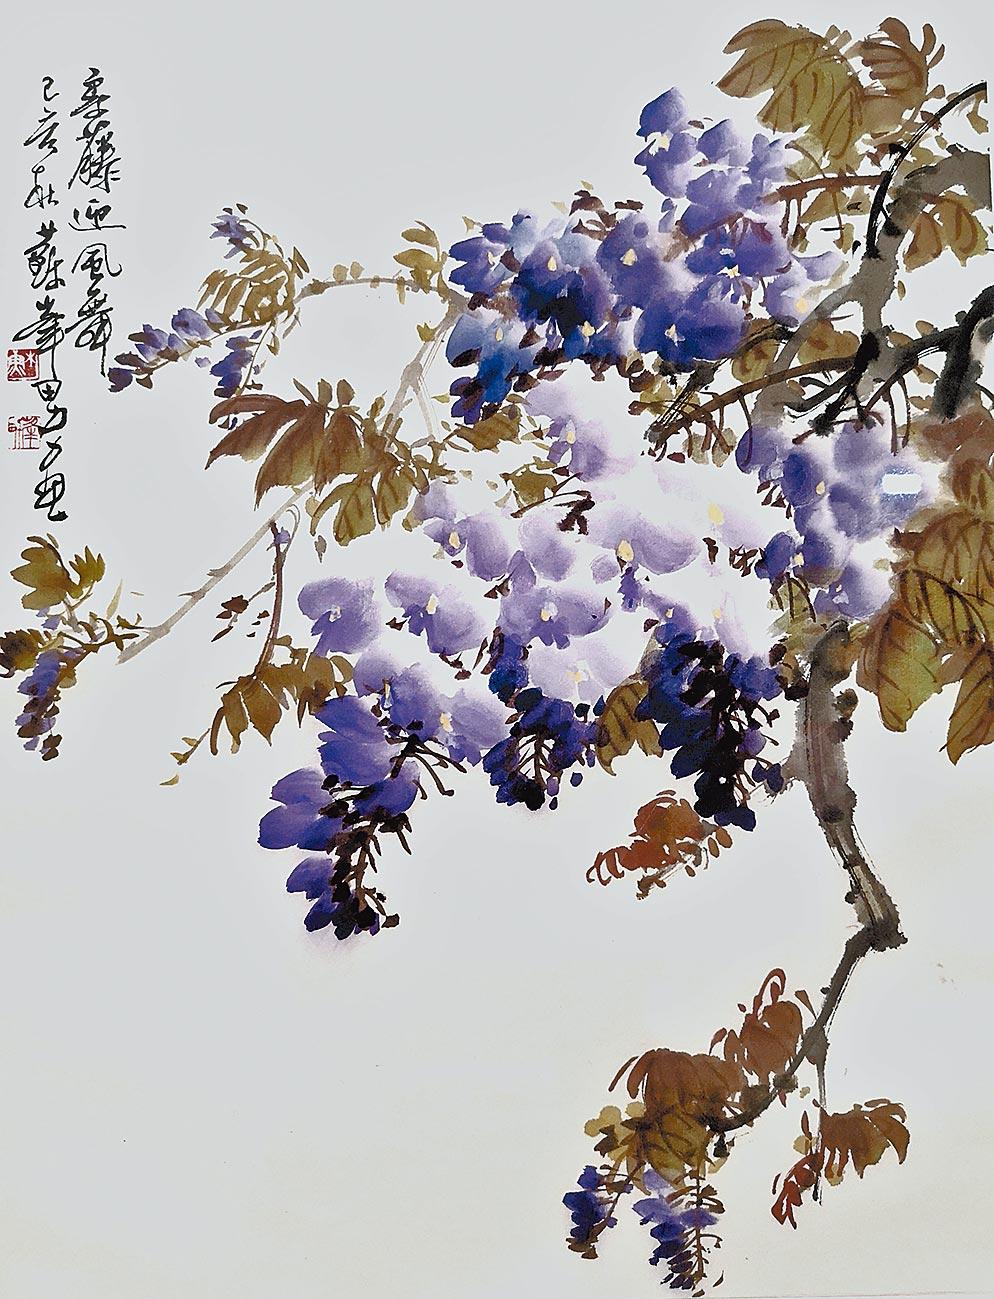 蘇峯男,柔藤迎風舞,紙本設色,2019年。照片提供長歌藝術傳播